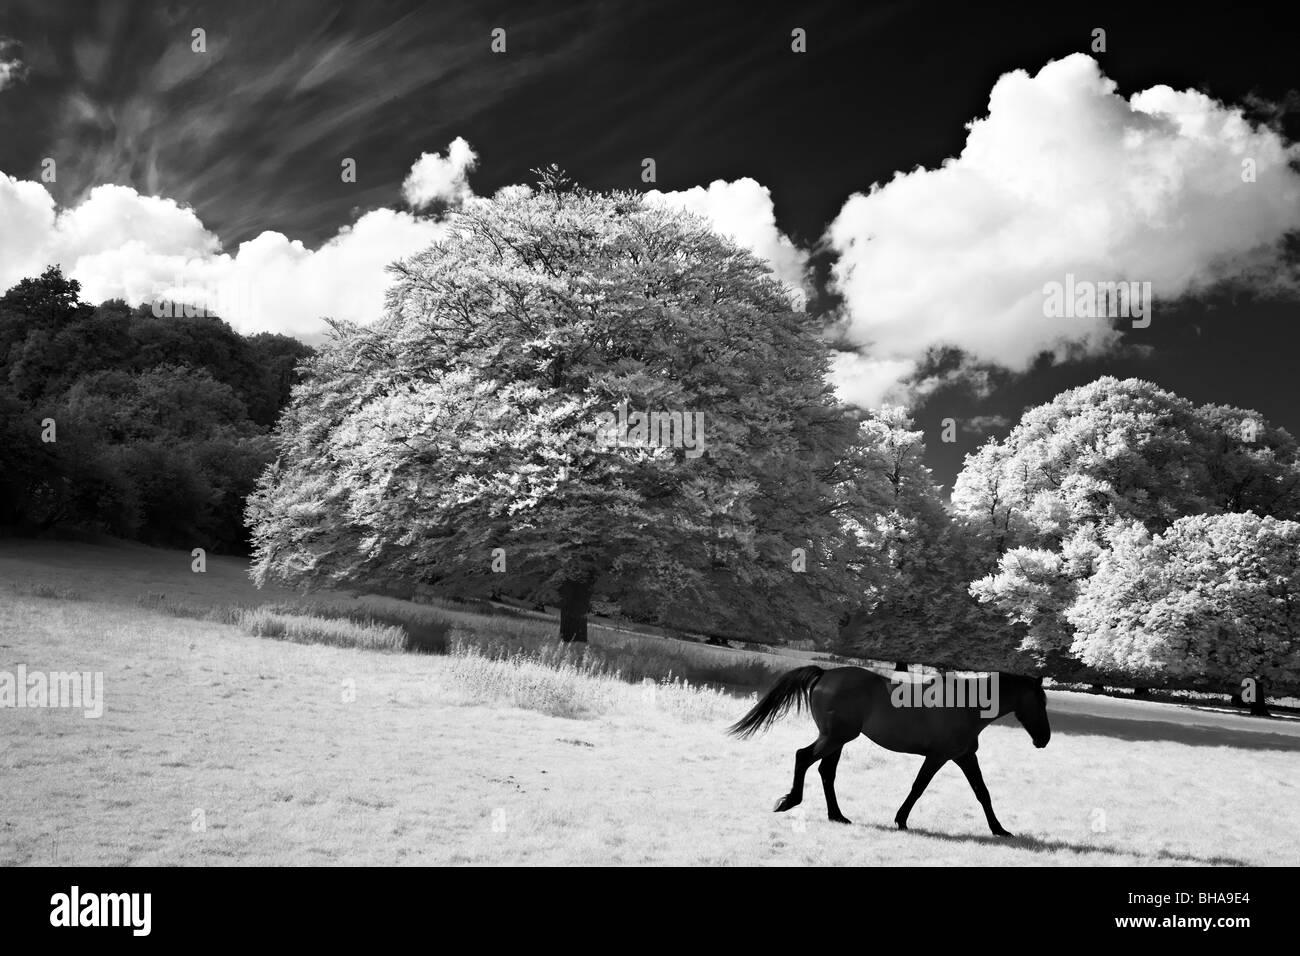 horses at Minterne Magna, Dorset, England, UK - Stock Image